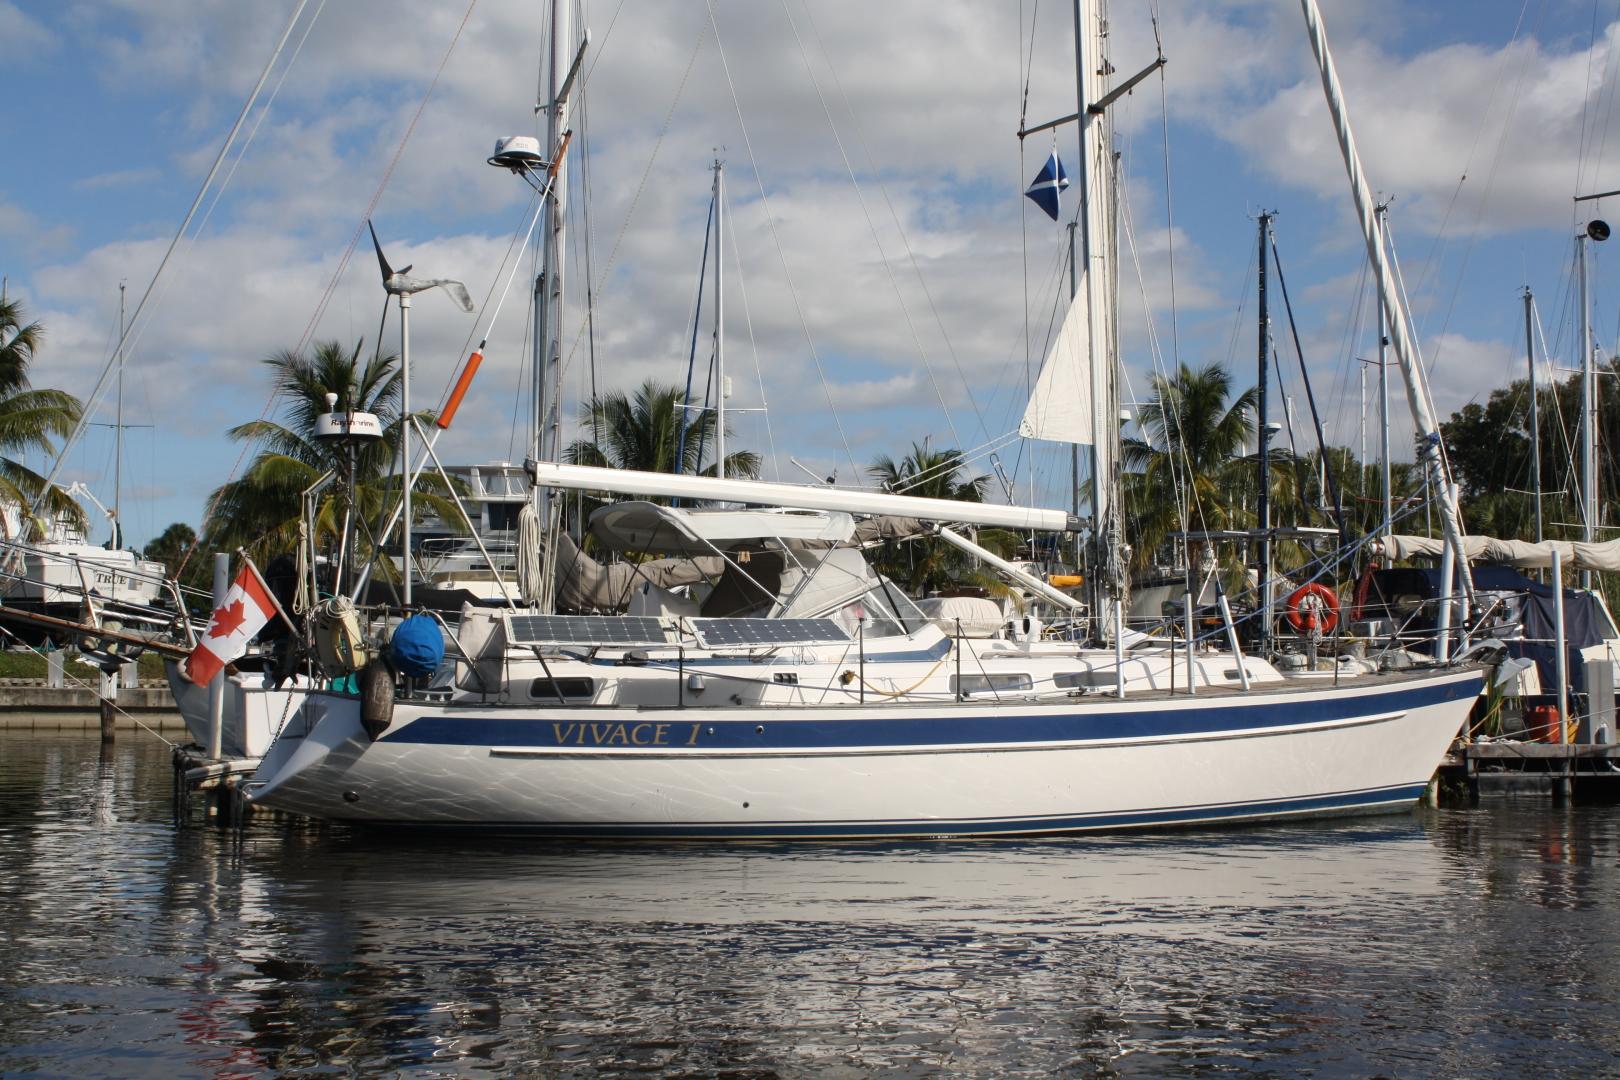 Hallberg-Rassy-36 MKII 2002-Vivace 1 Stuart-Florida-United States-1312748   Thumbnail